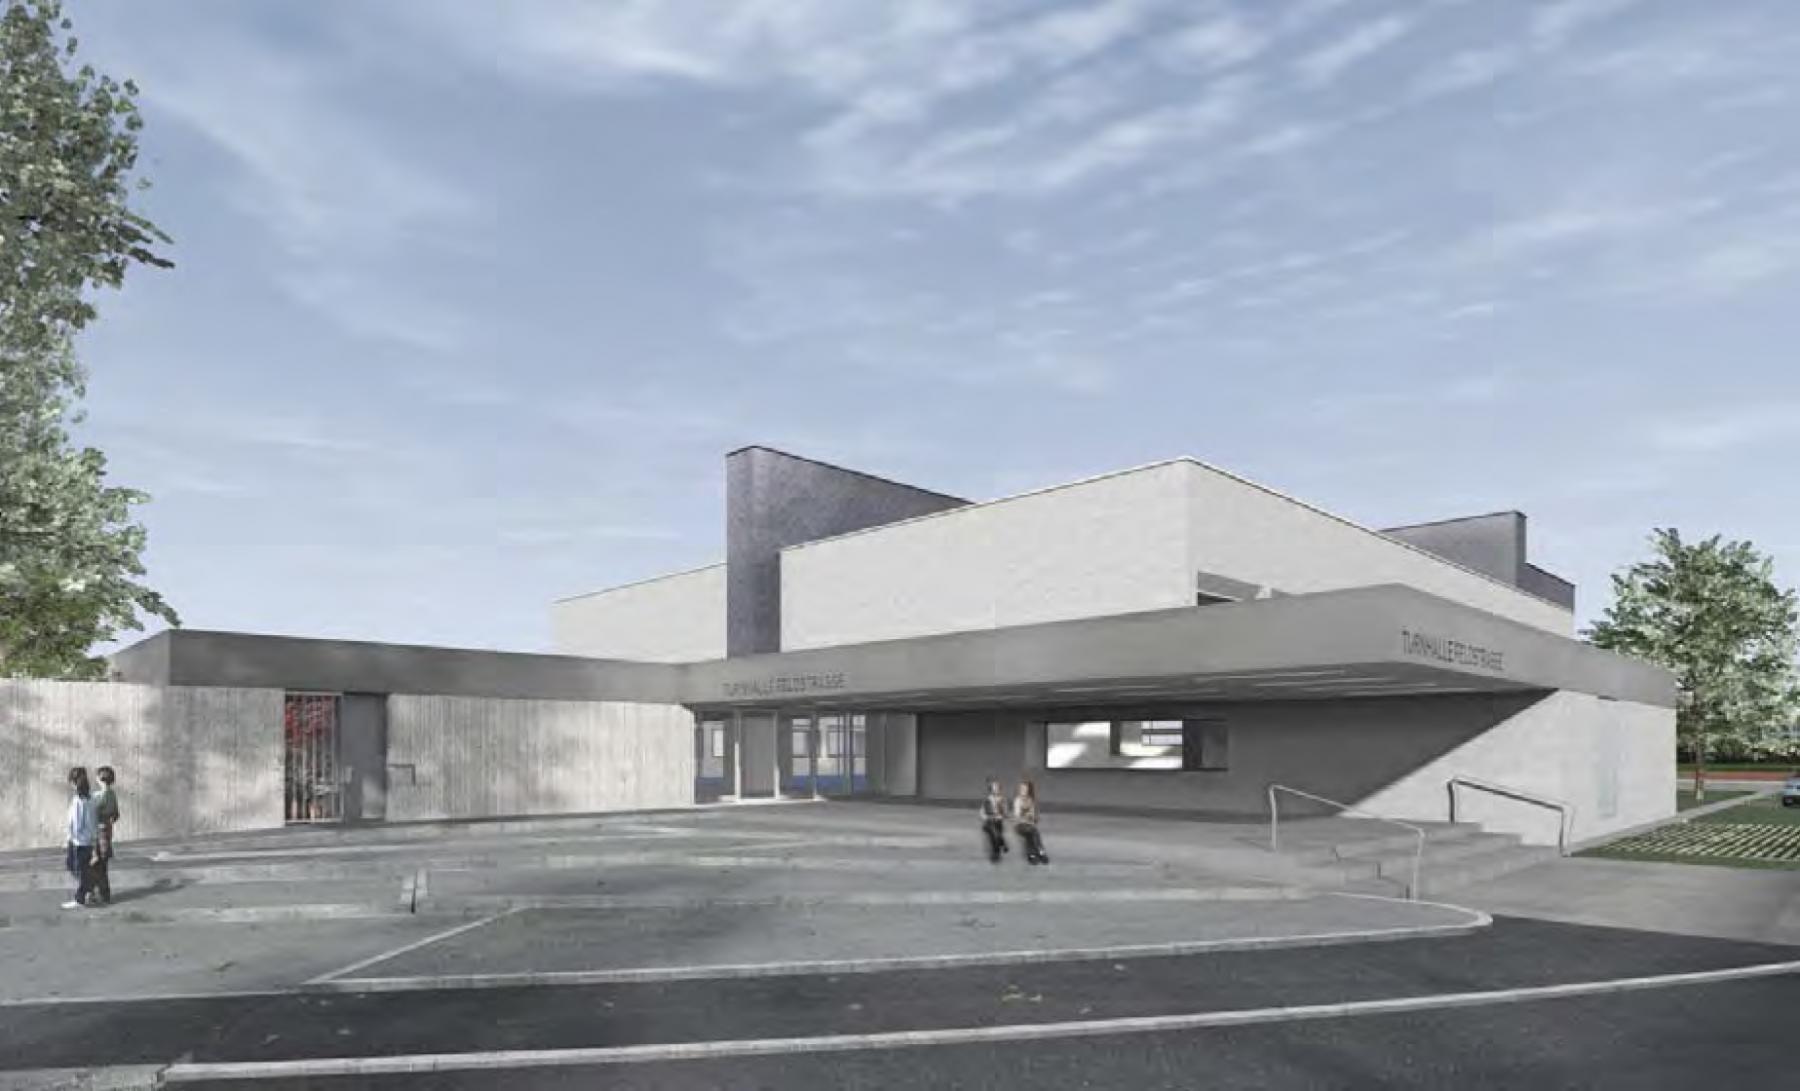 Erneuerung Doppelturnhalle Feldstrasse, Horn, Thurgau, Lukas Imhof Architekten, CARLA